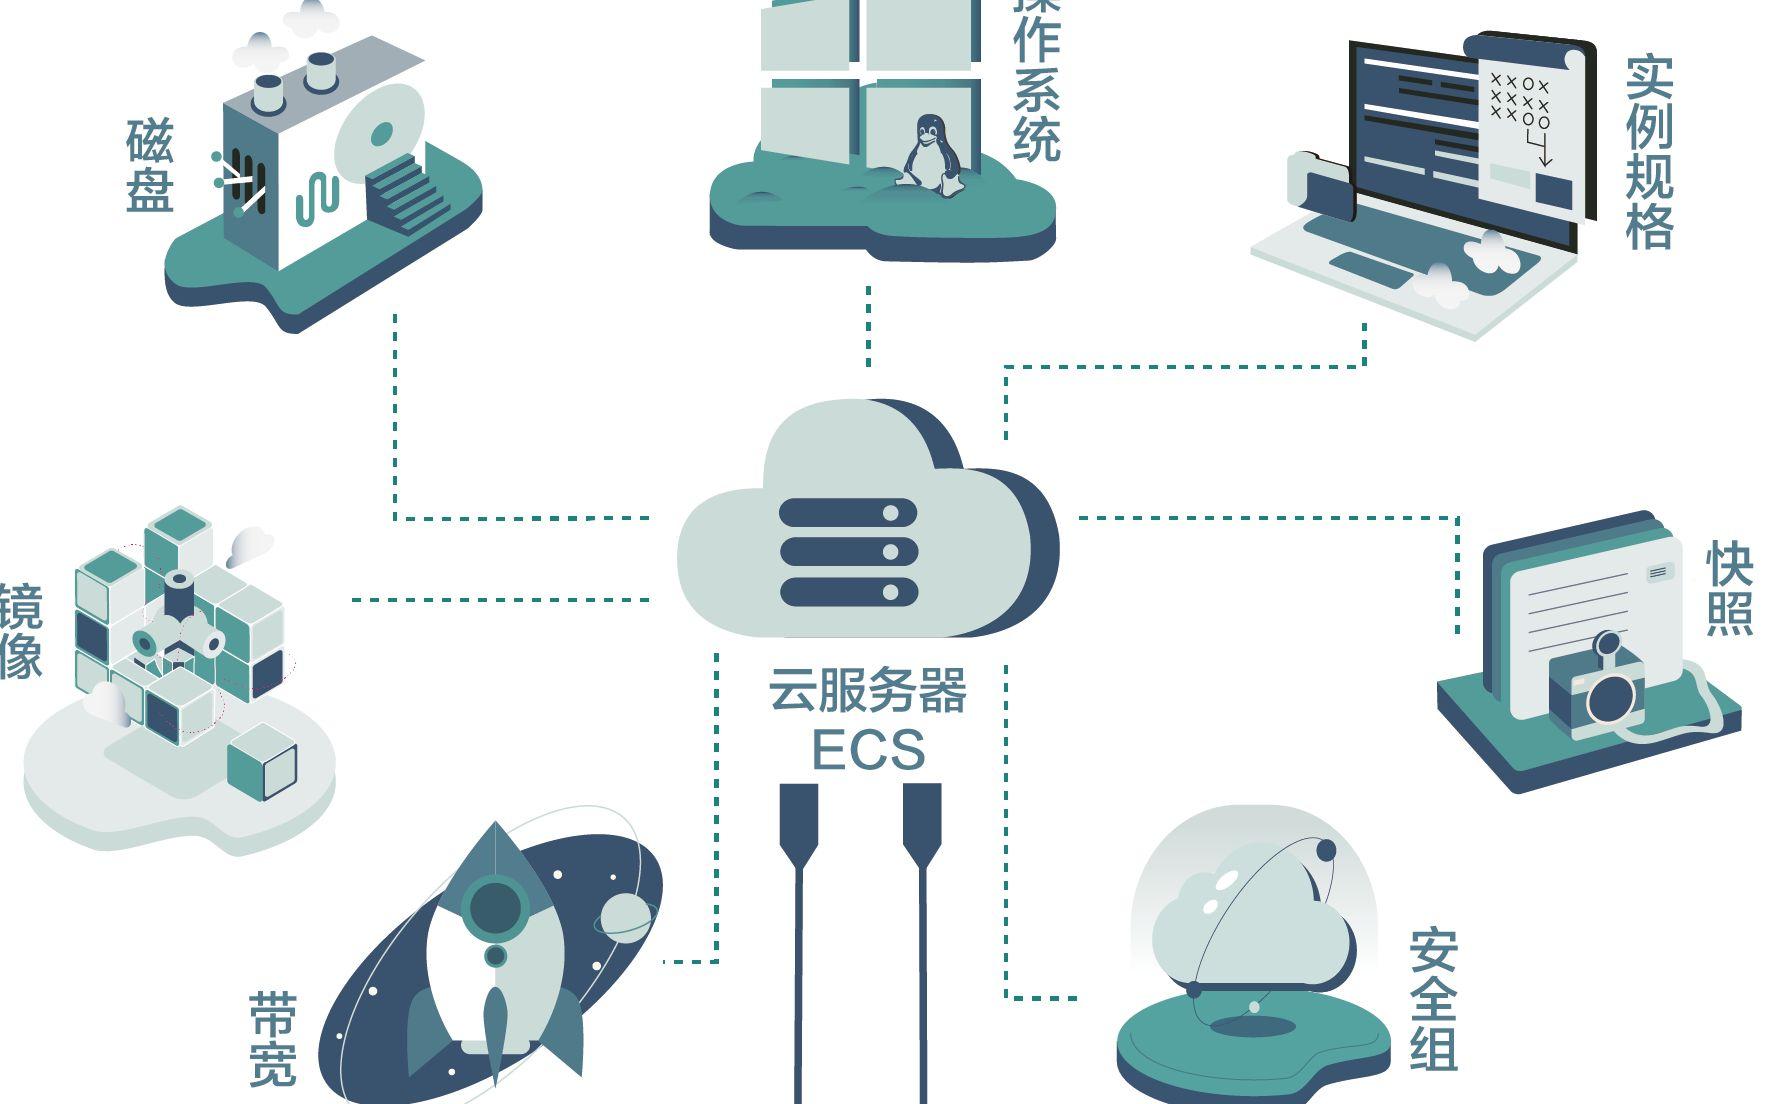 【黑马程序员】揭秘阿里云服务器 001_课程大纲